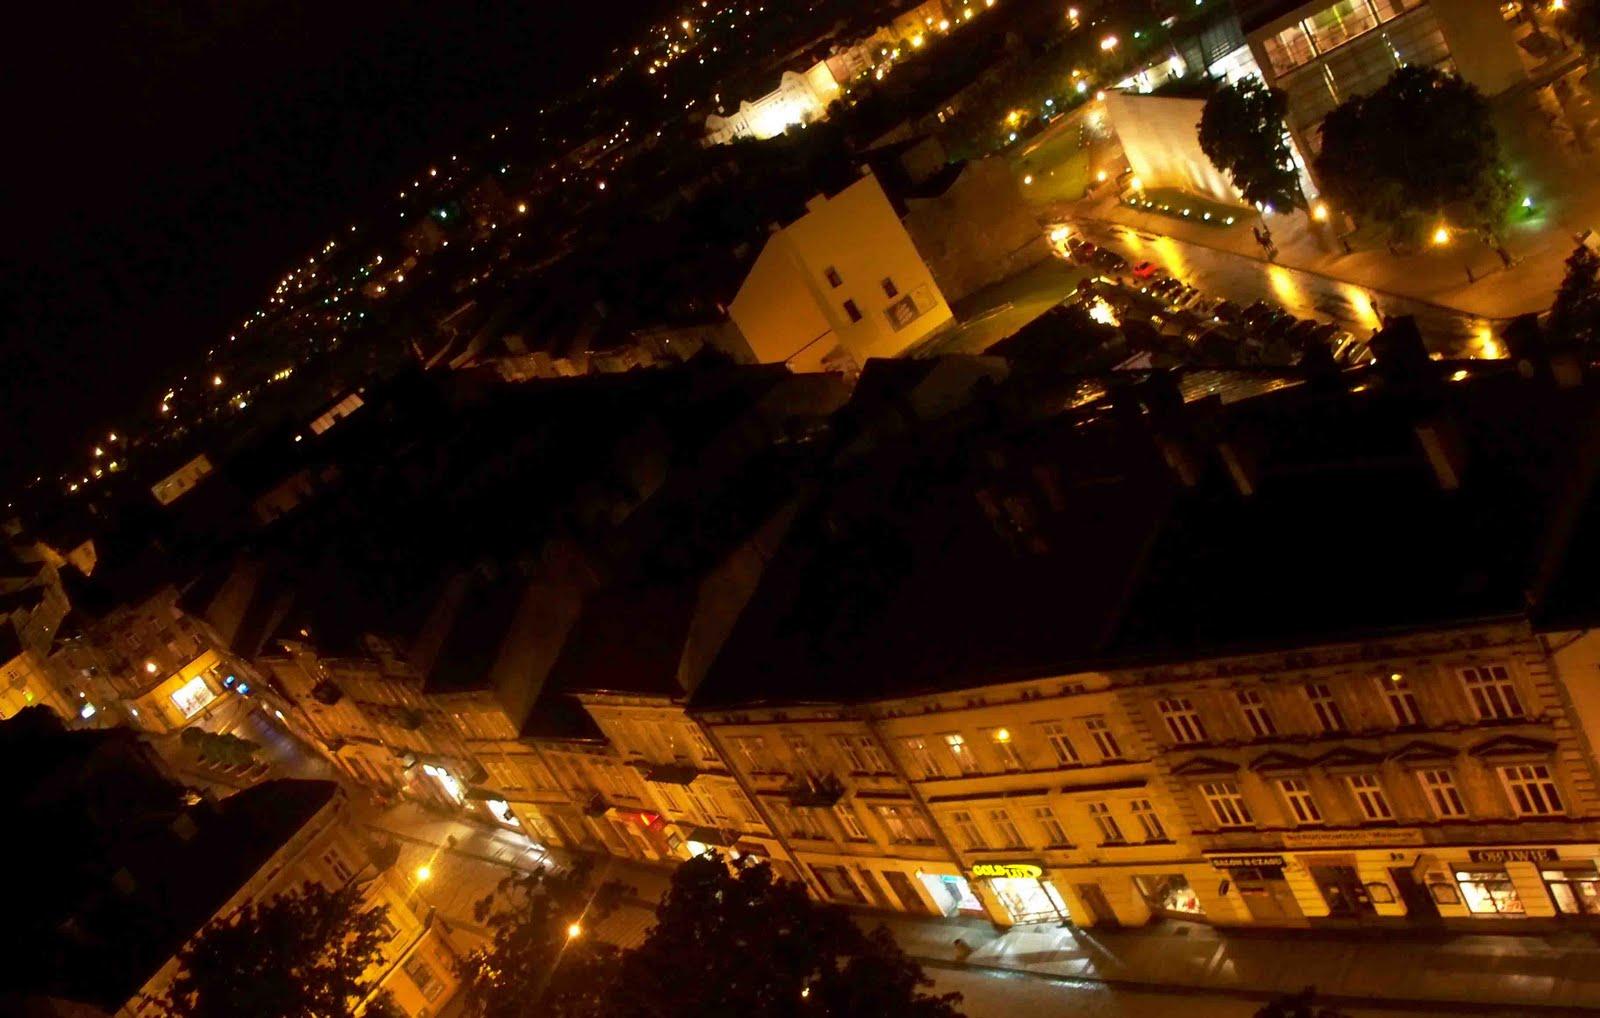 puki basah gambar puki besar puki besar foto puki g http zonatrick com